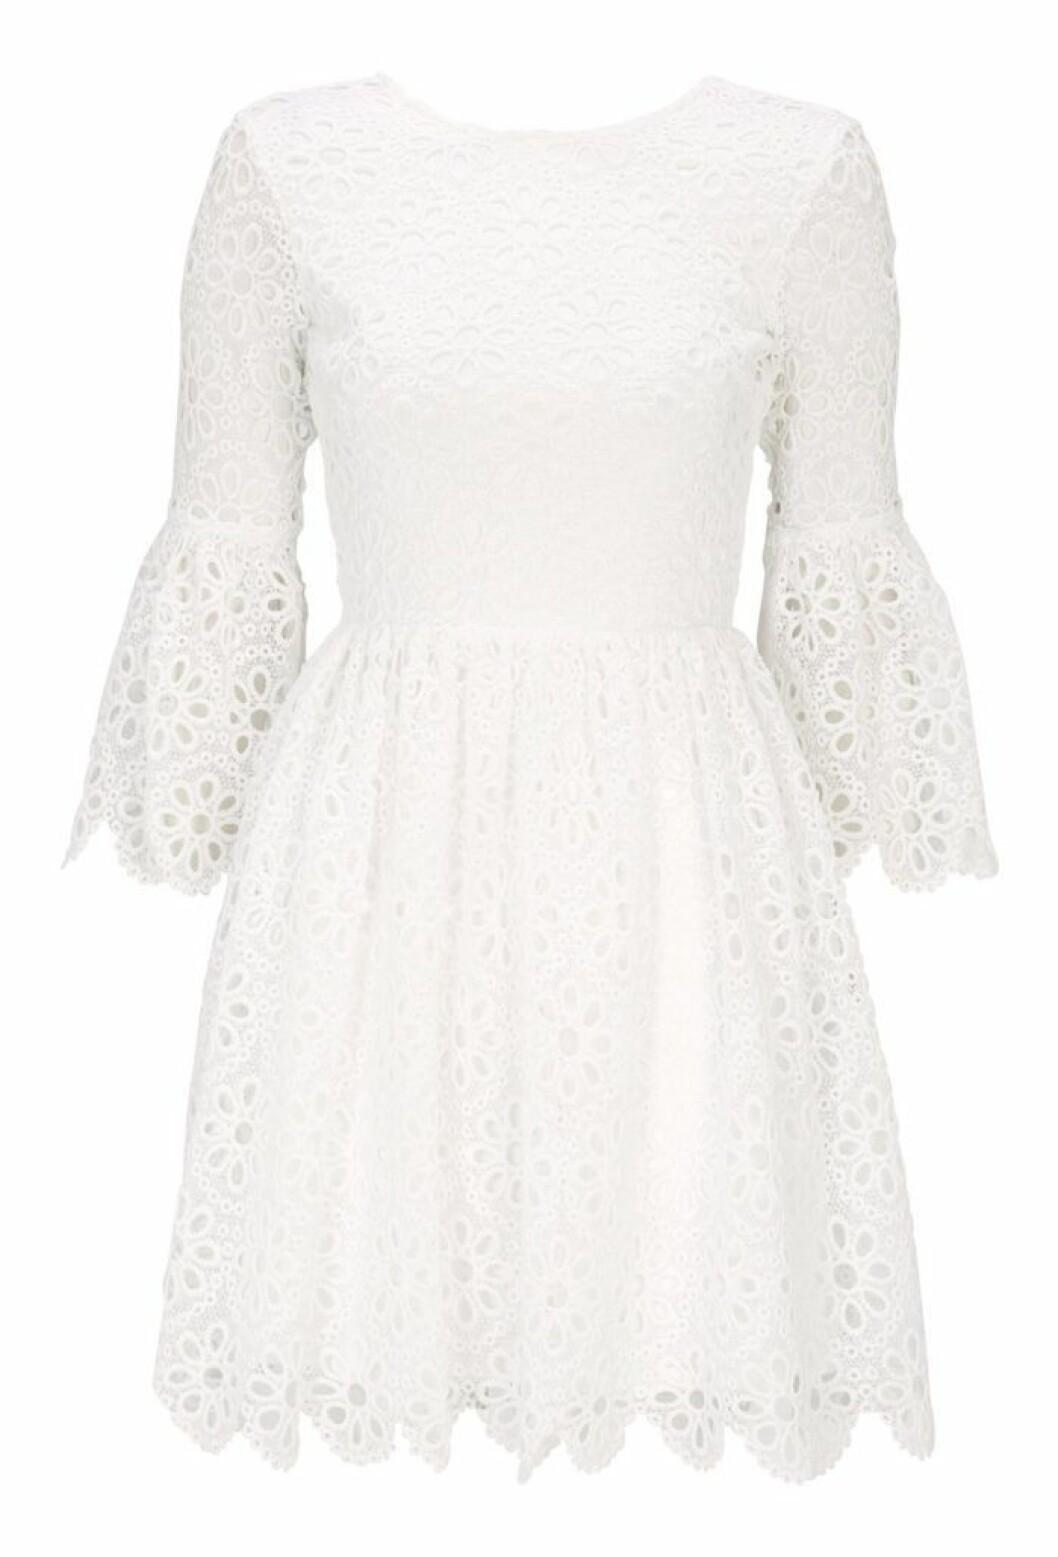 Vit spetsklänning till sommaren 2019